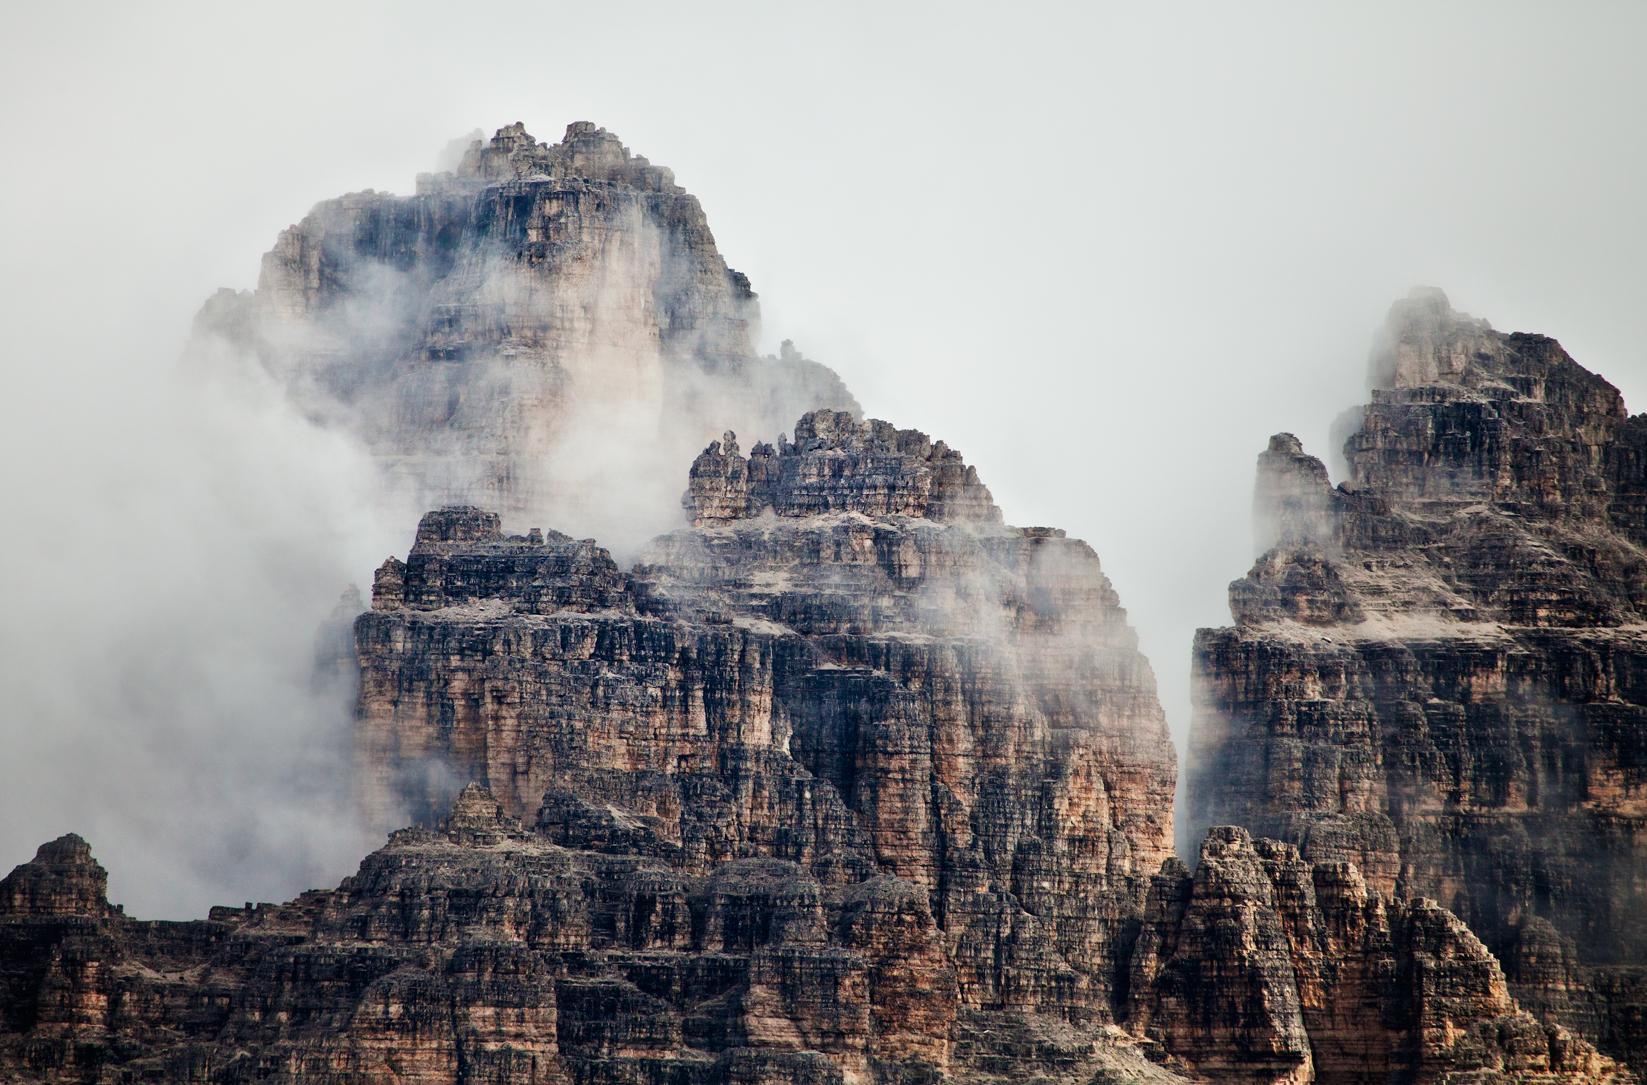 Mist on the peaks...